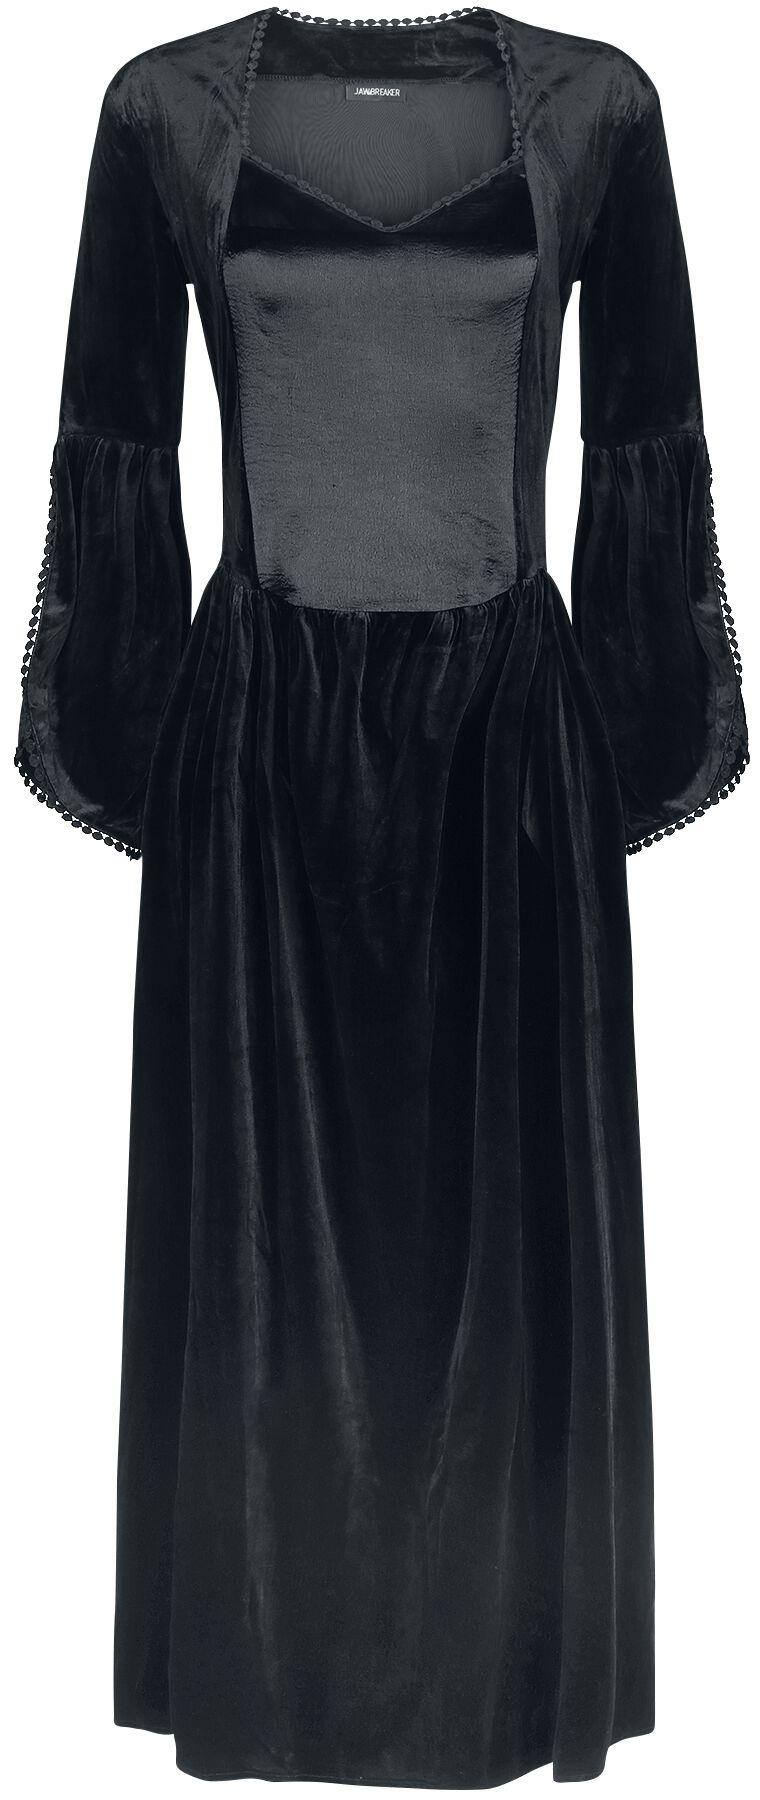 Image of   Jawbreaker Velvet & Satin Maiden kjole Kjole sort